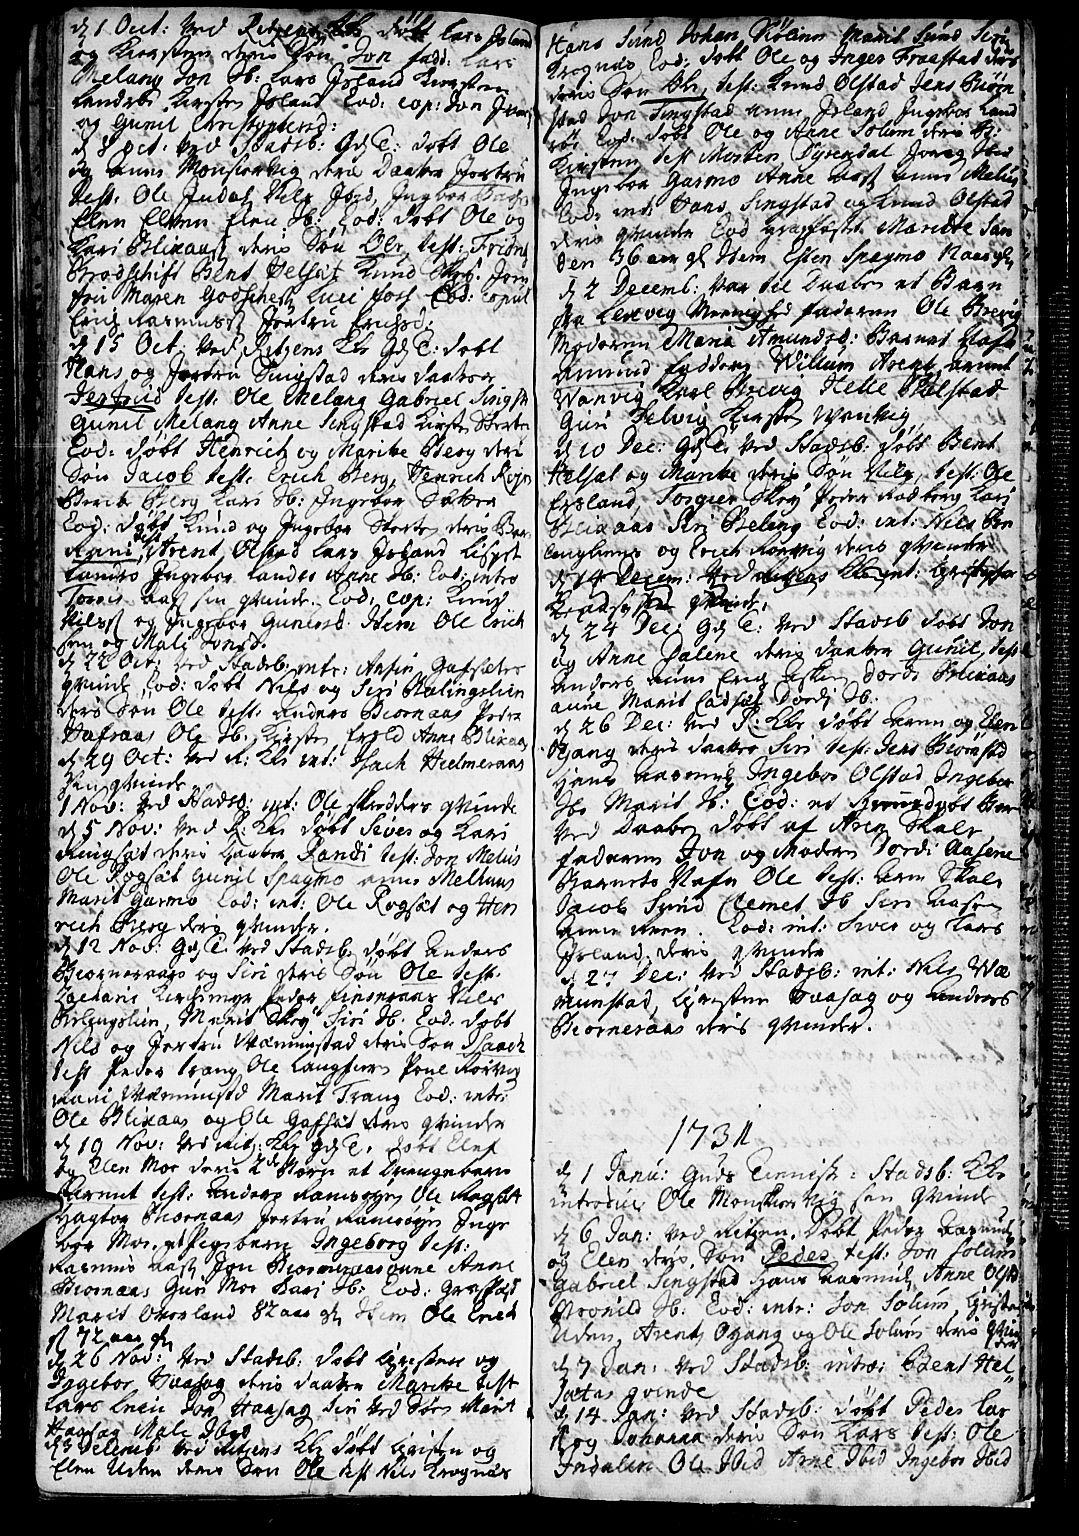 SAT, Ministerialprotokoller, klokkerbøker og fødselsregistre - Sør-Trøndelag, 646/L0603: Ministerialbok nr. 646A01, 1700-1734, s. 62